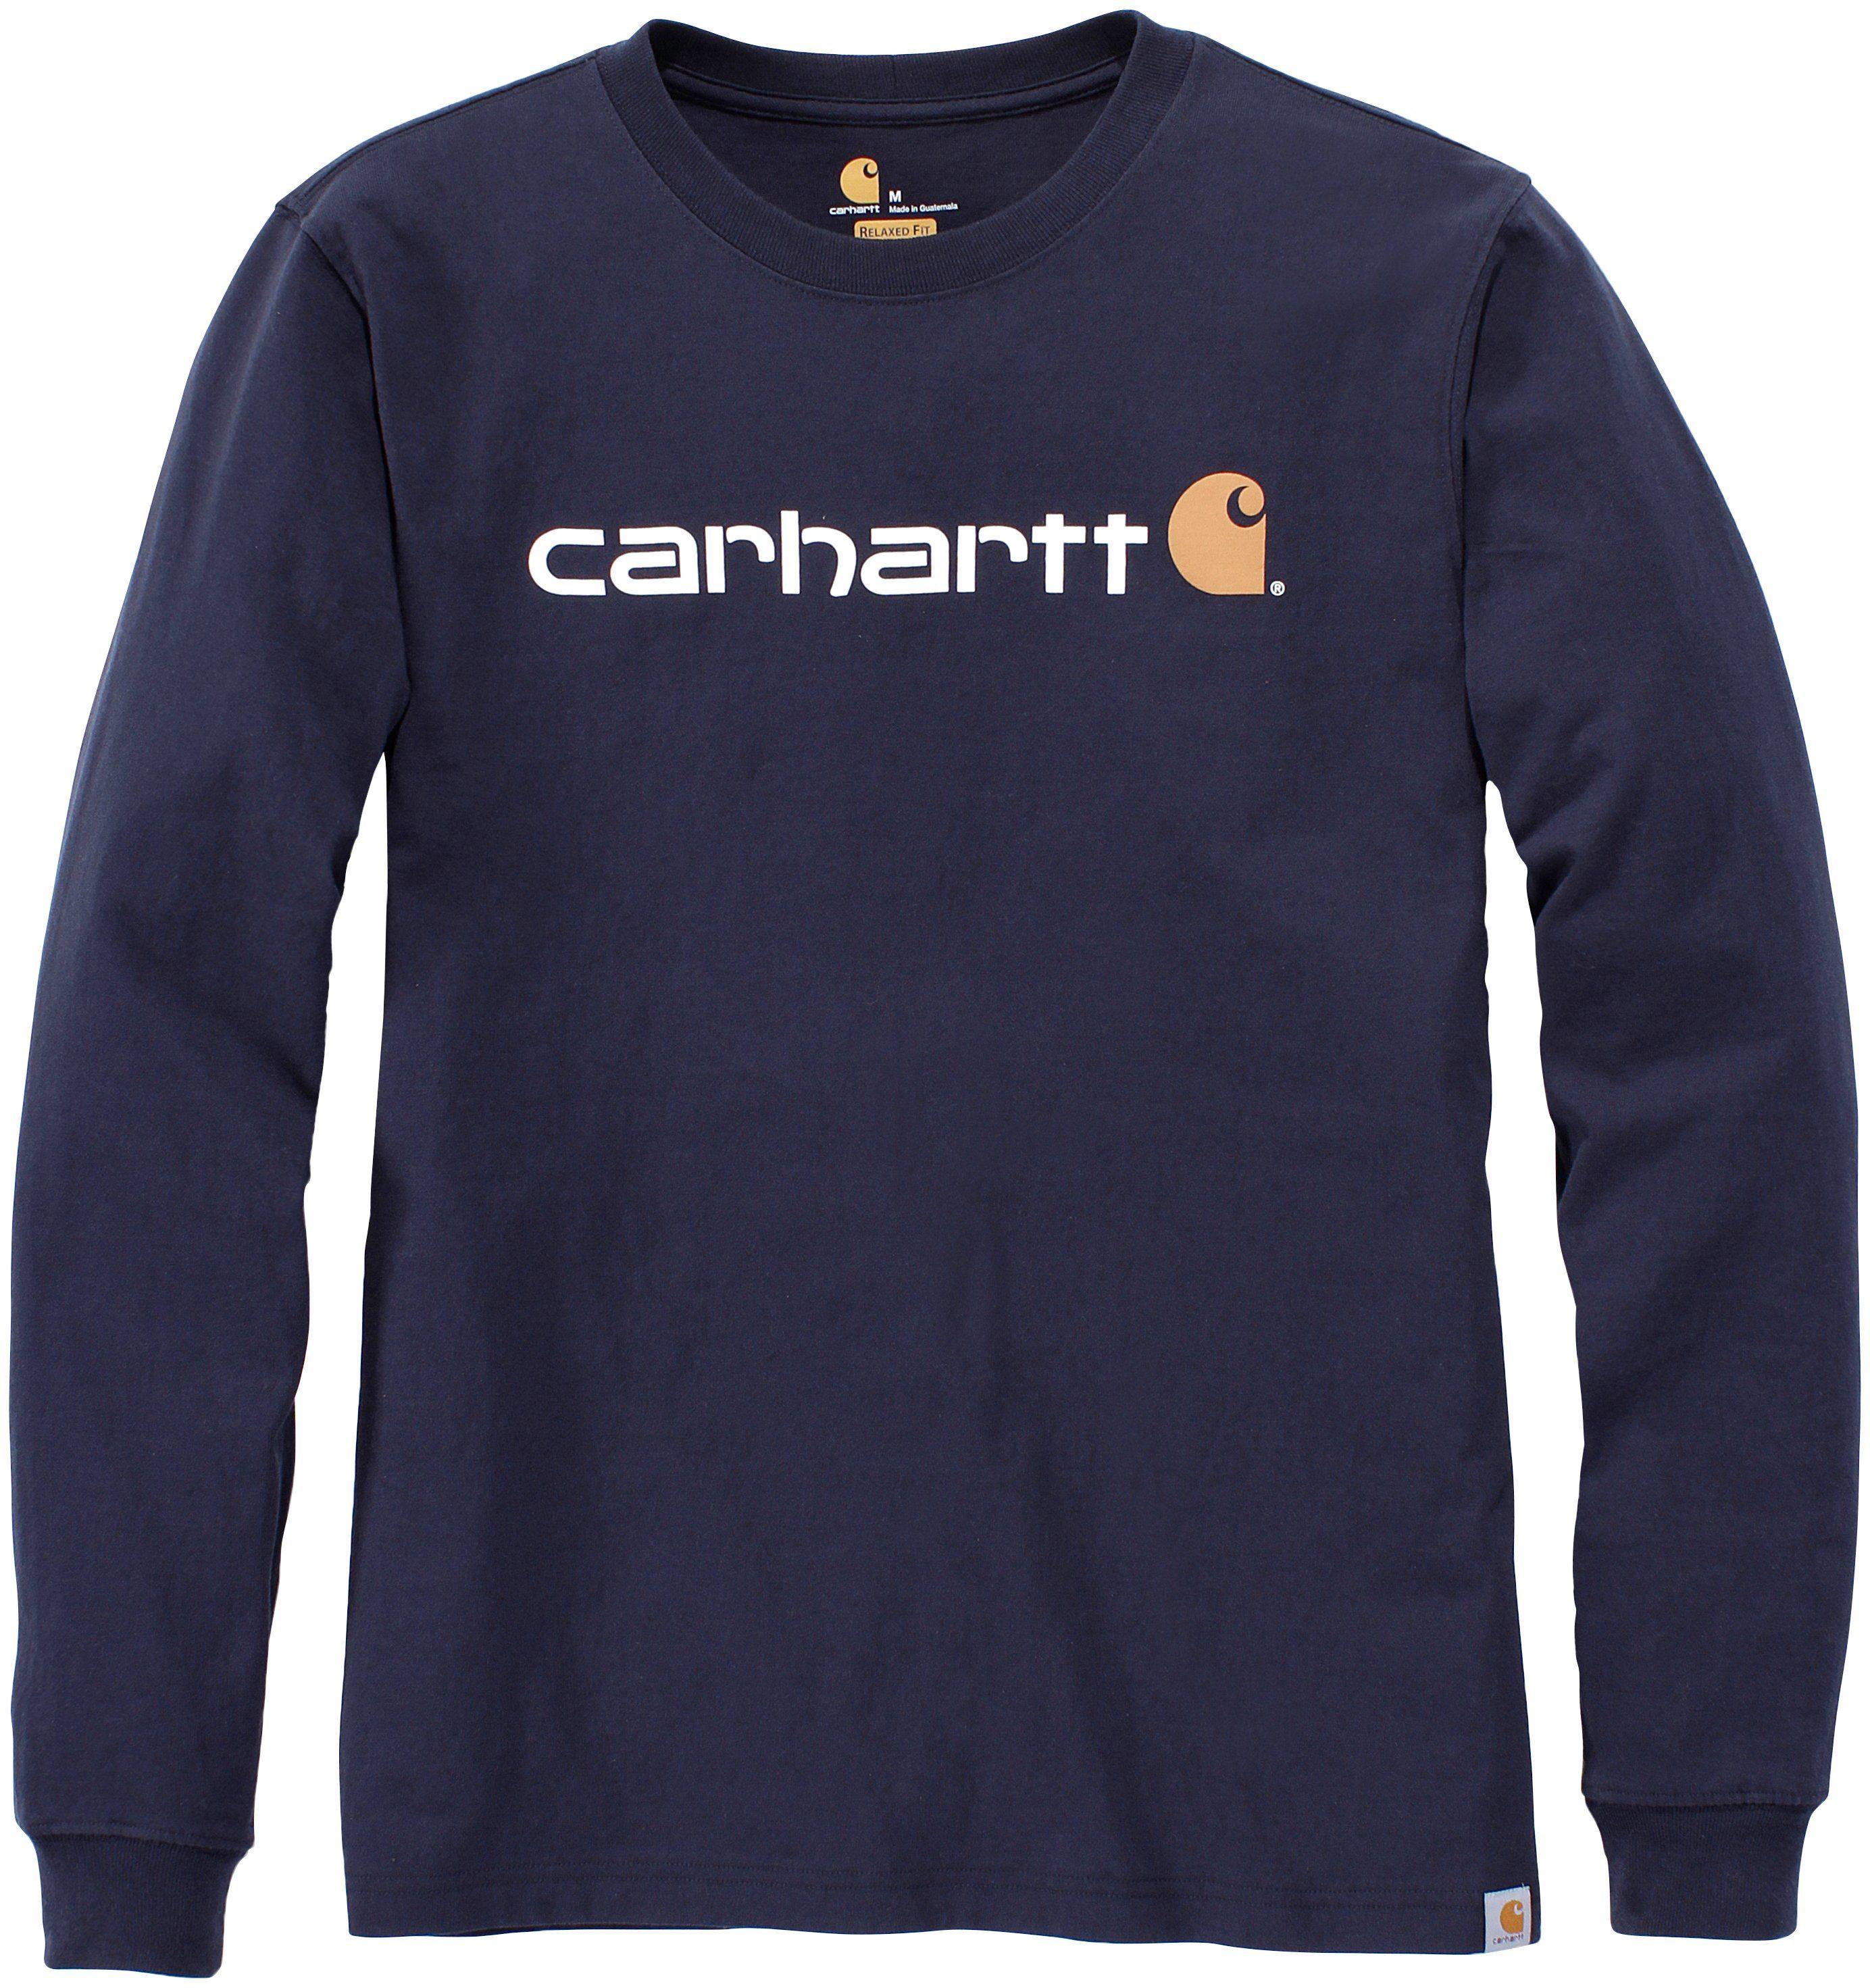 Online Kaufen Fit T shirt Carhartt »core«Relaxed SUMVzp